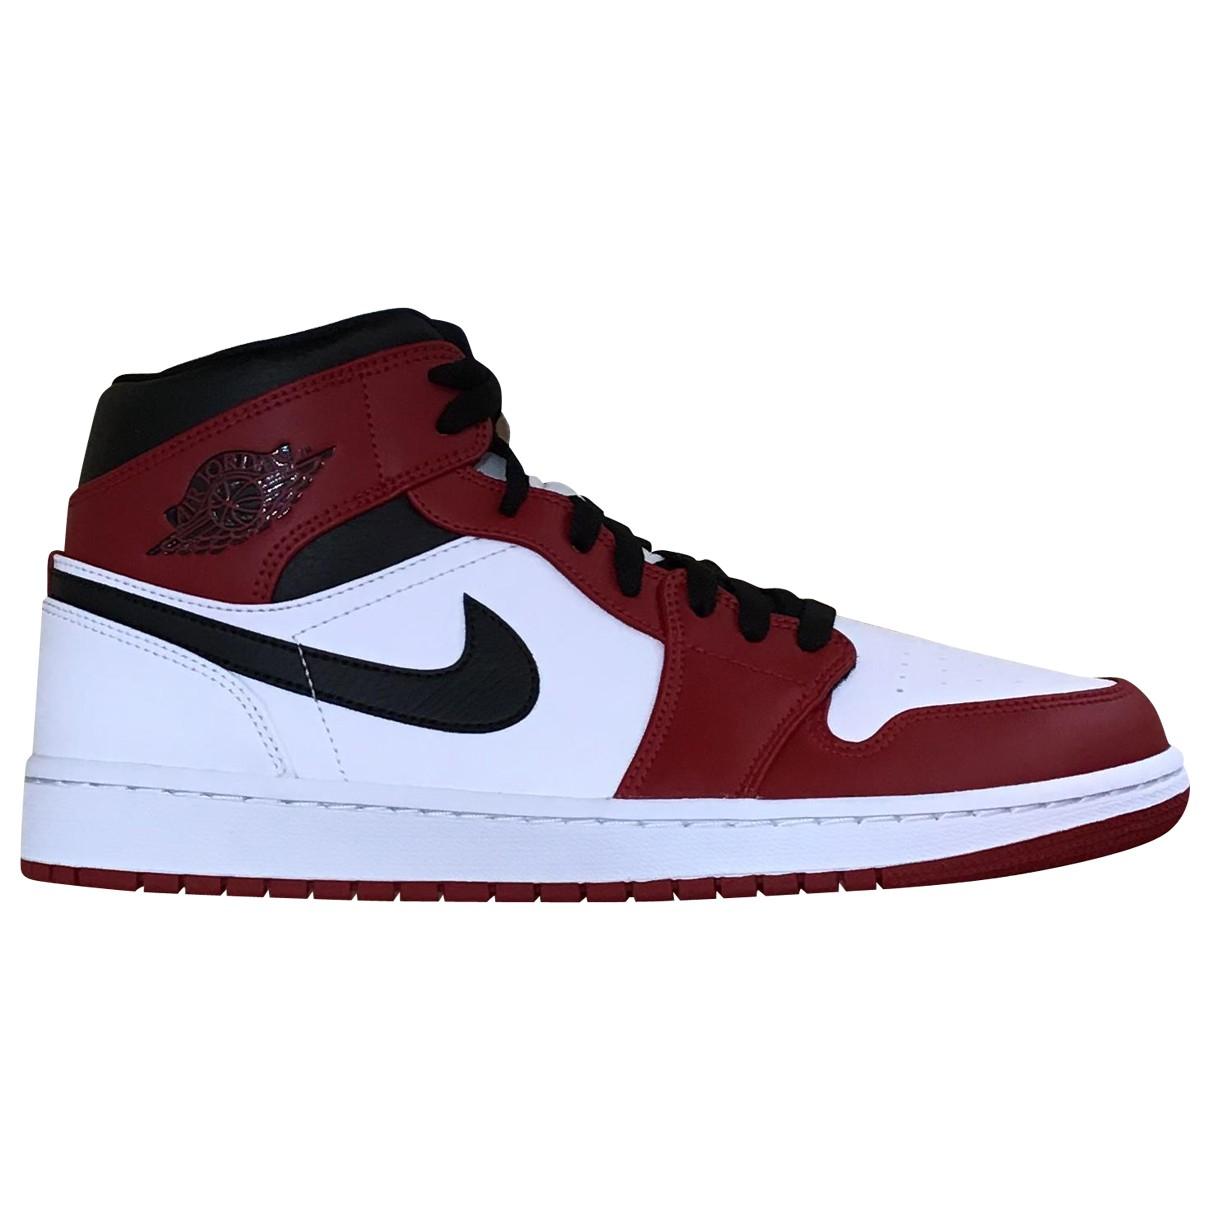 Jordan Air Jordan 1  Red Leather Trainers for Men 44 EU